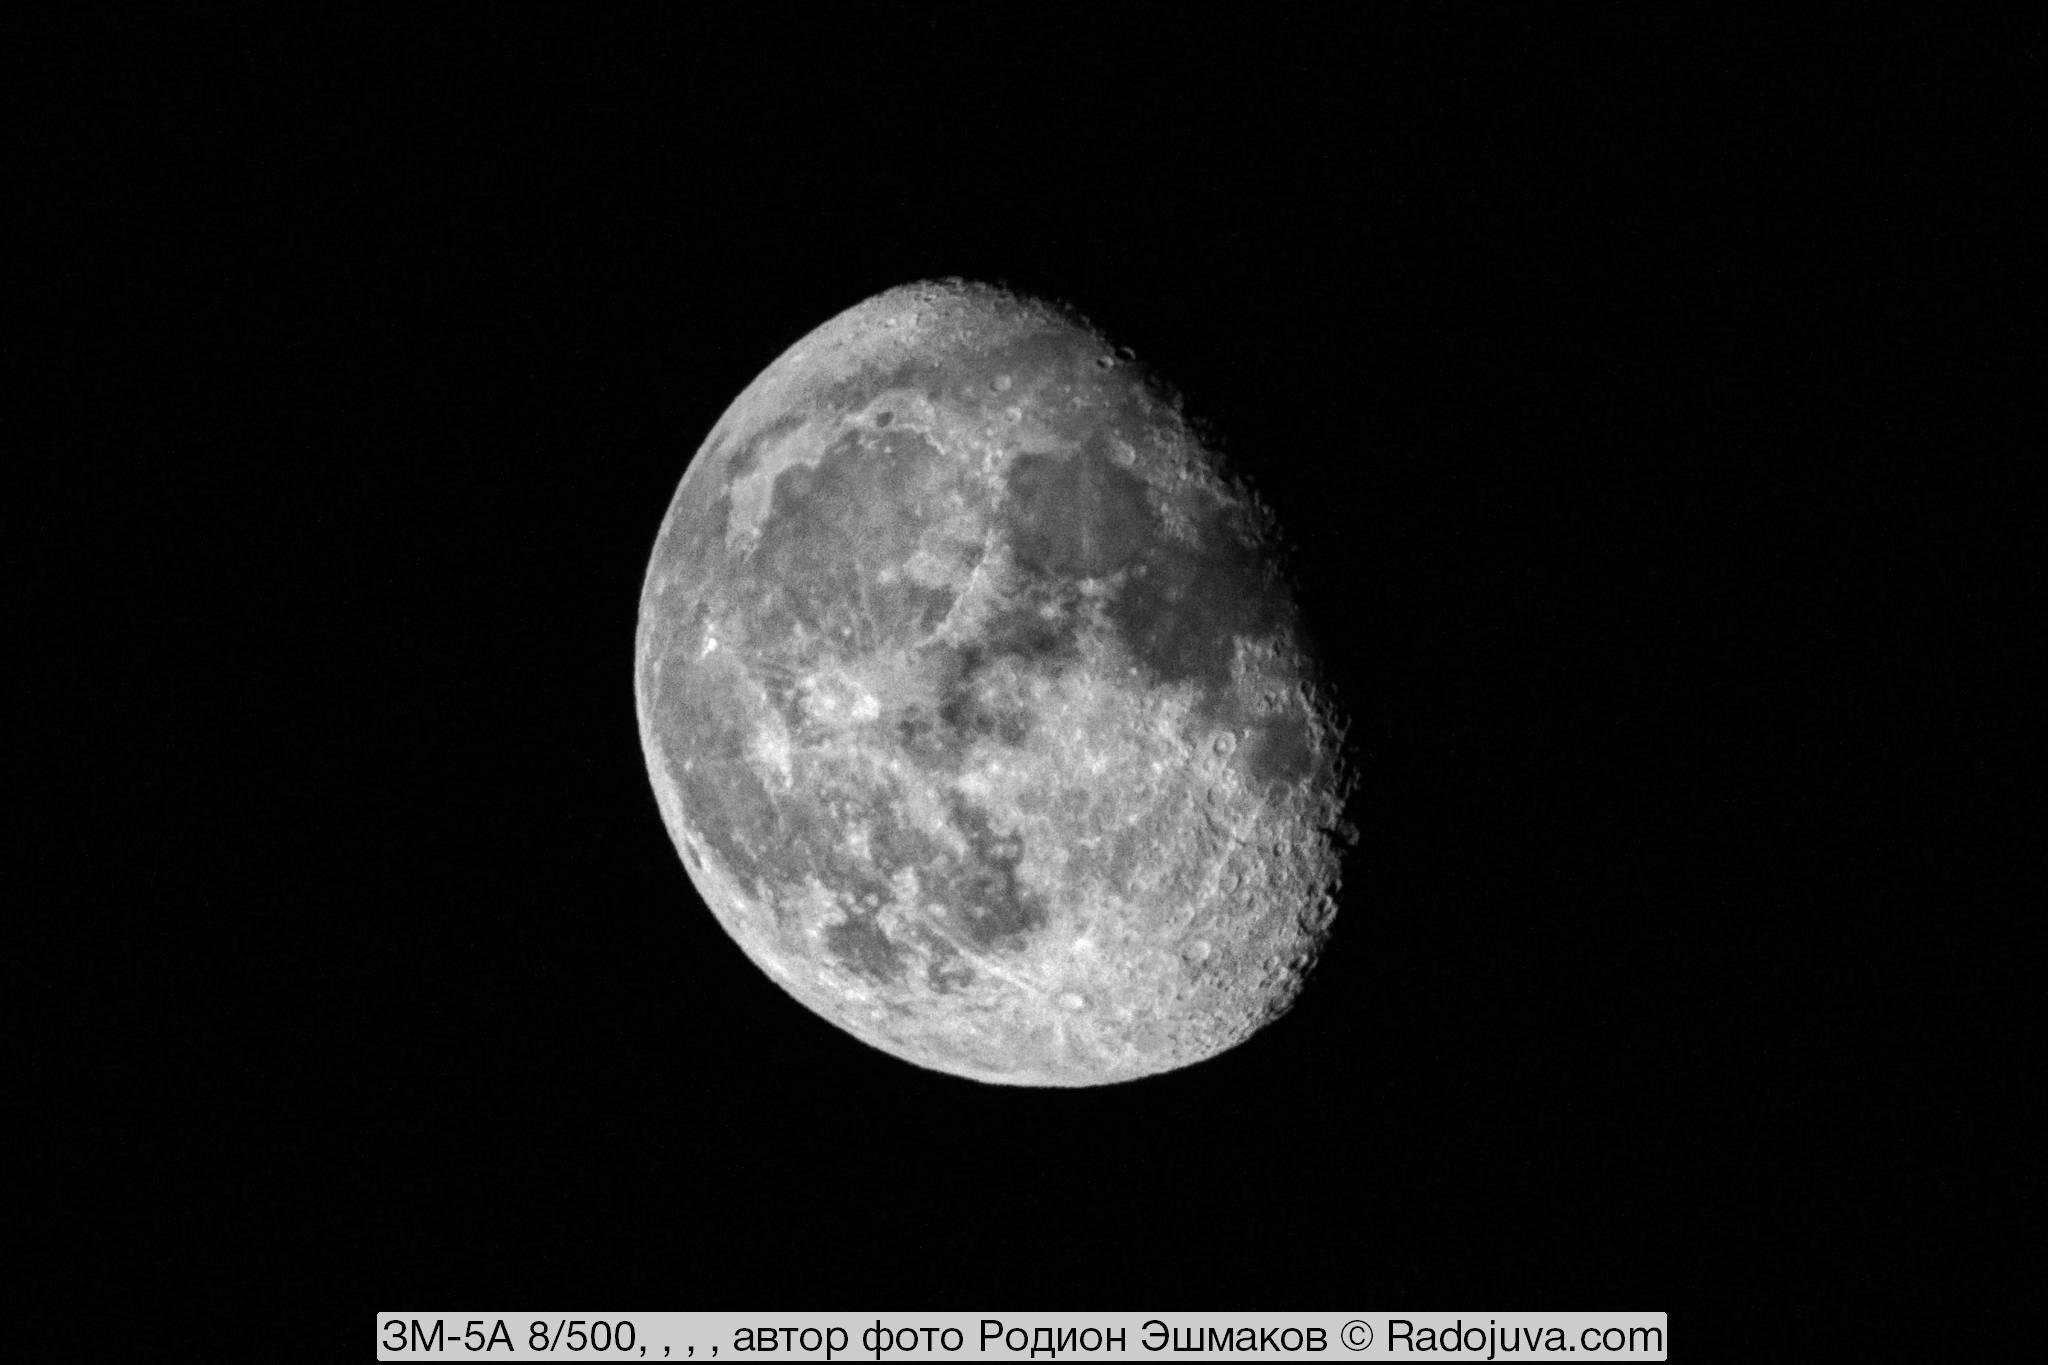 Луна на ЗМ-5А. Кроп. Постобработка в ФШ.